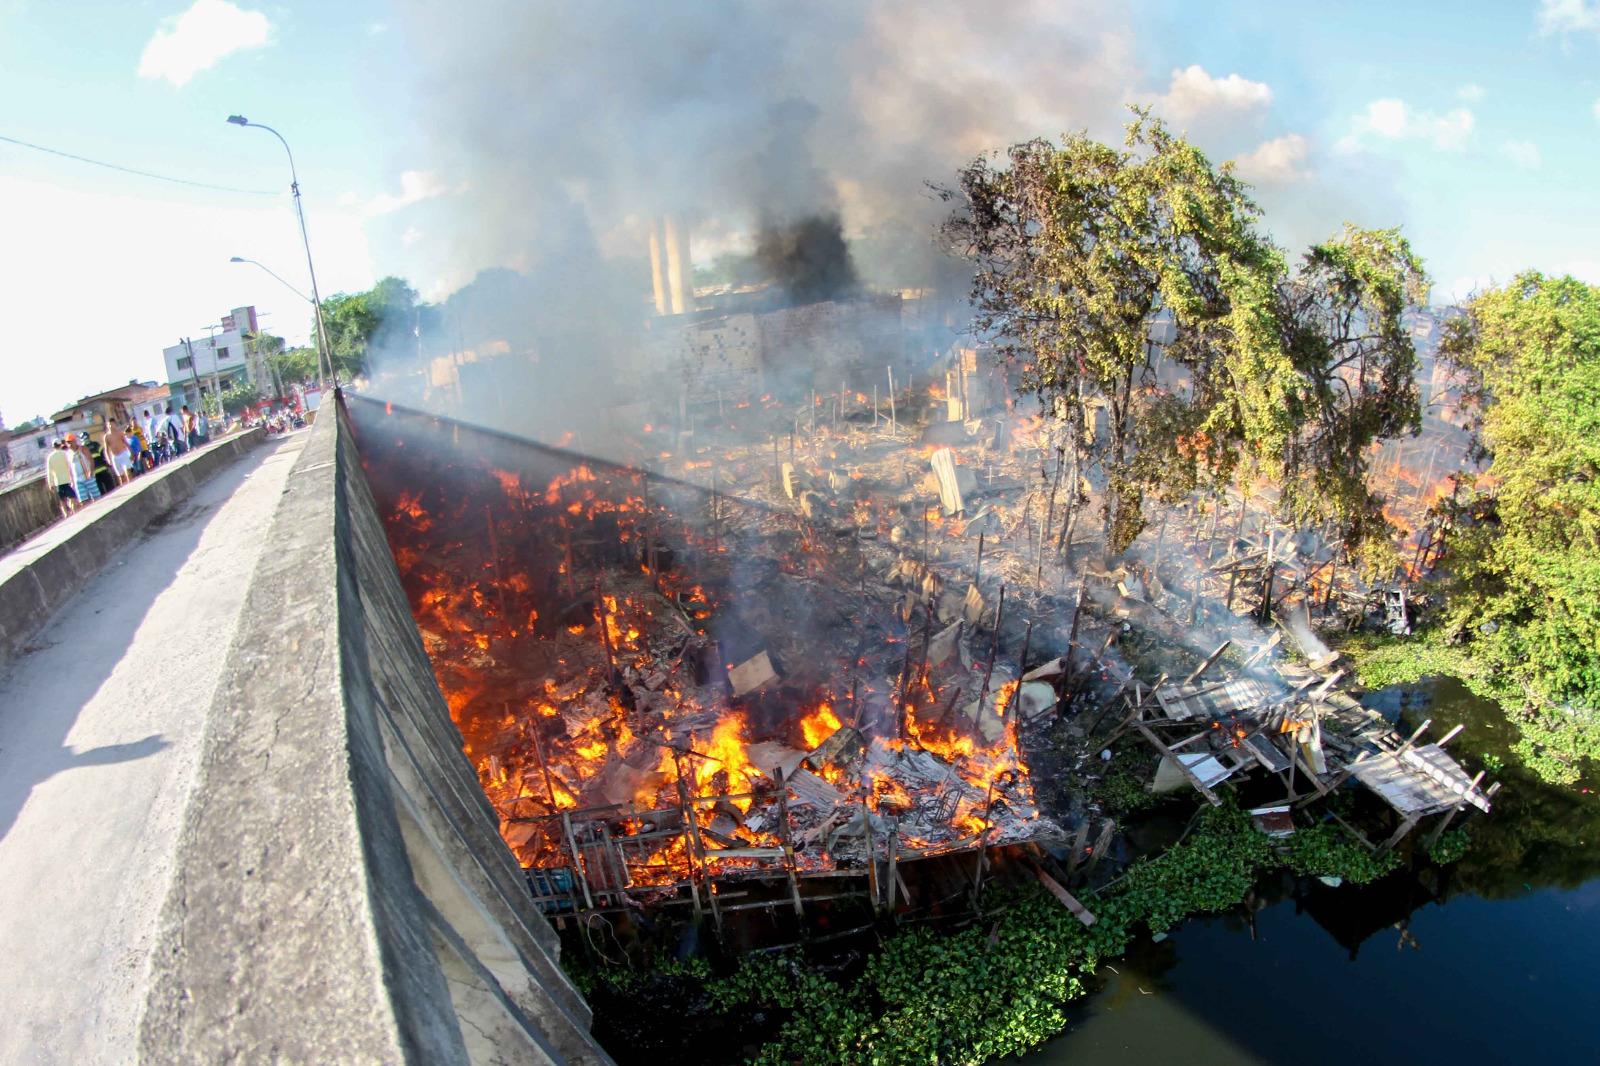 Atingida por um incêndio nesta segunda (12), a comunidade Santa Luzia fica às margens do Rio Capibaribe, no Recife